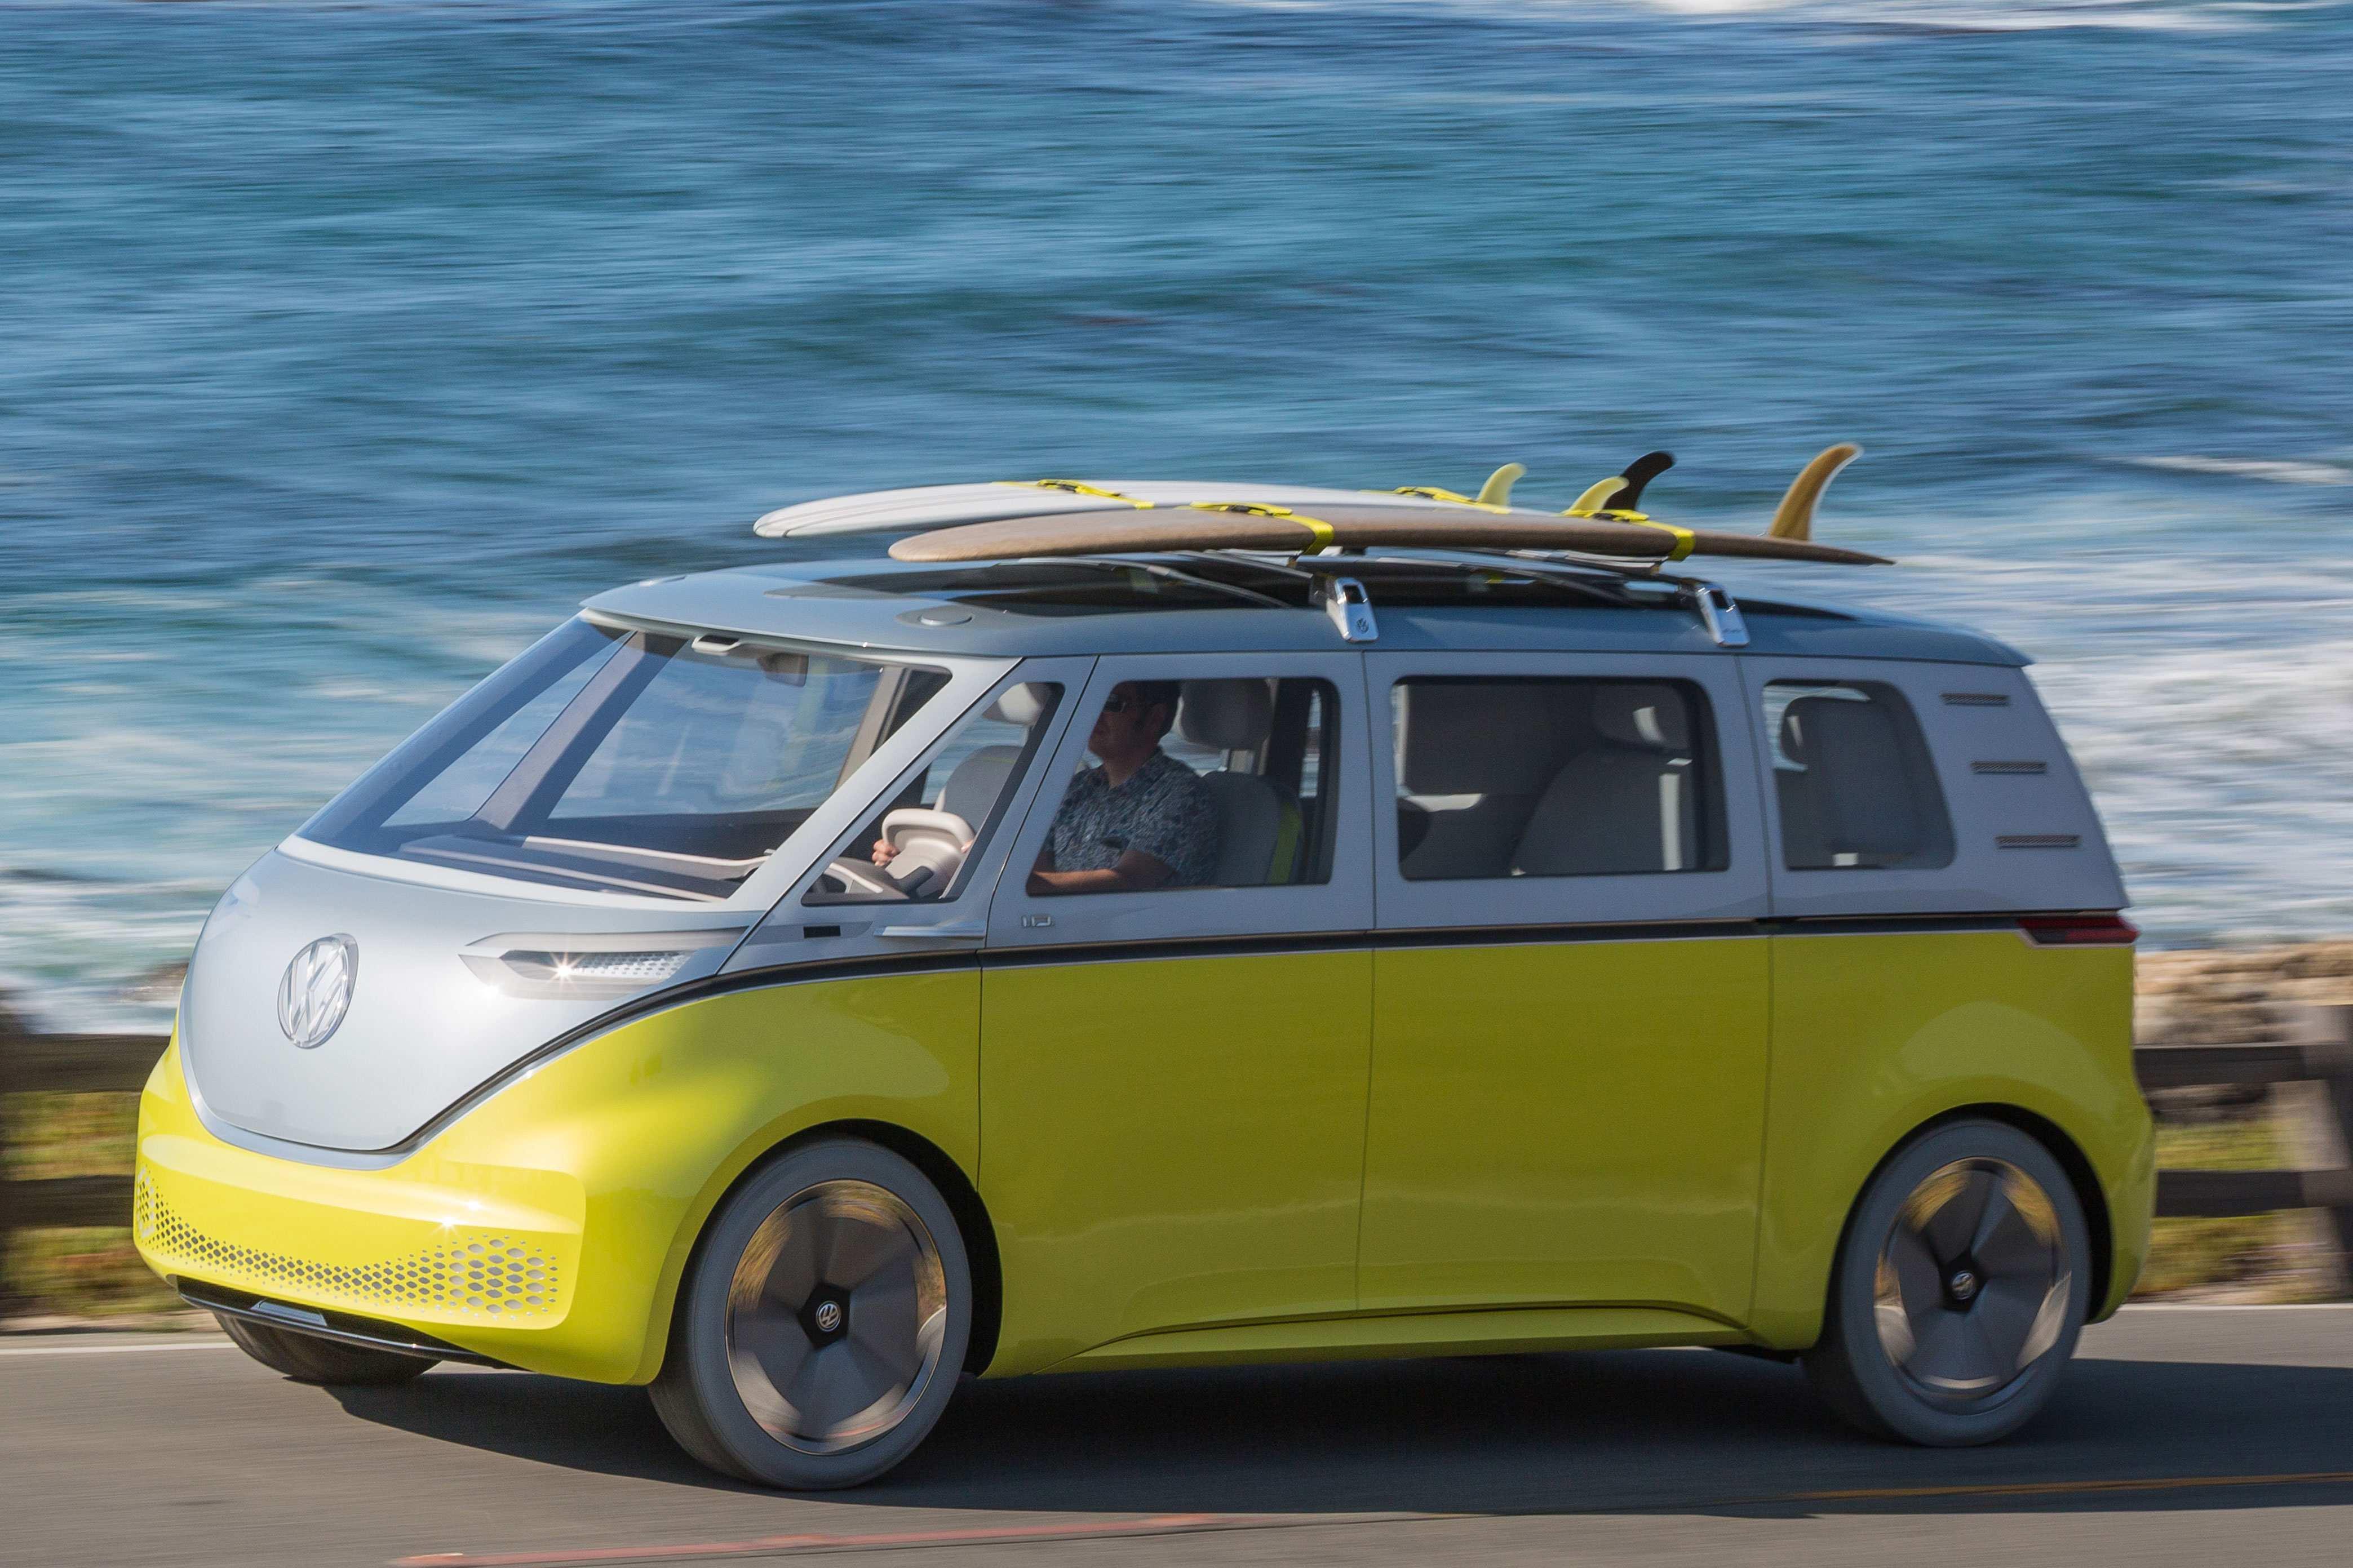 88 Concept of Volkswagen Van 2020 Price Style by Volkswagen Van 2020 Price